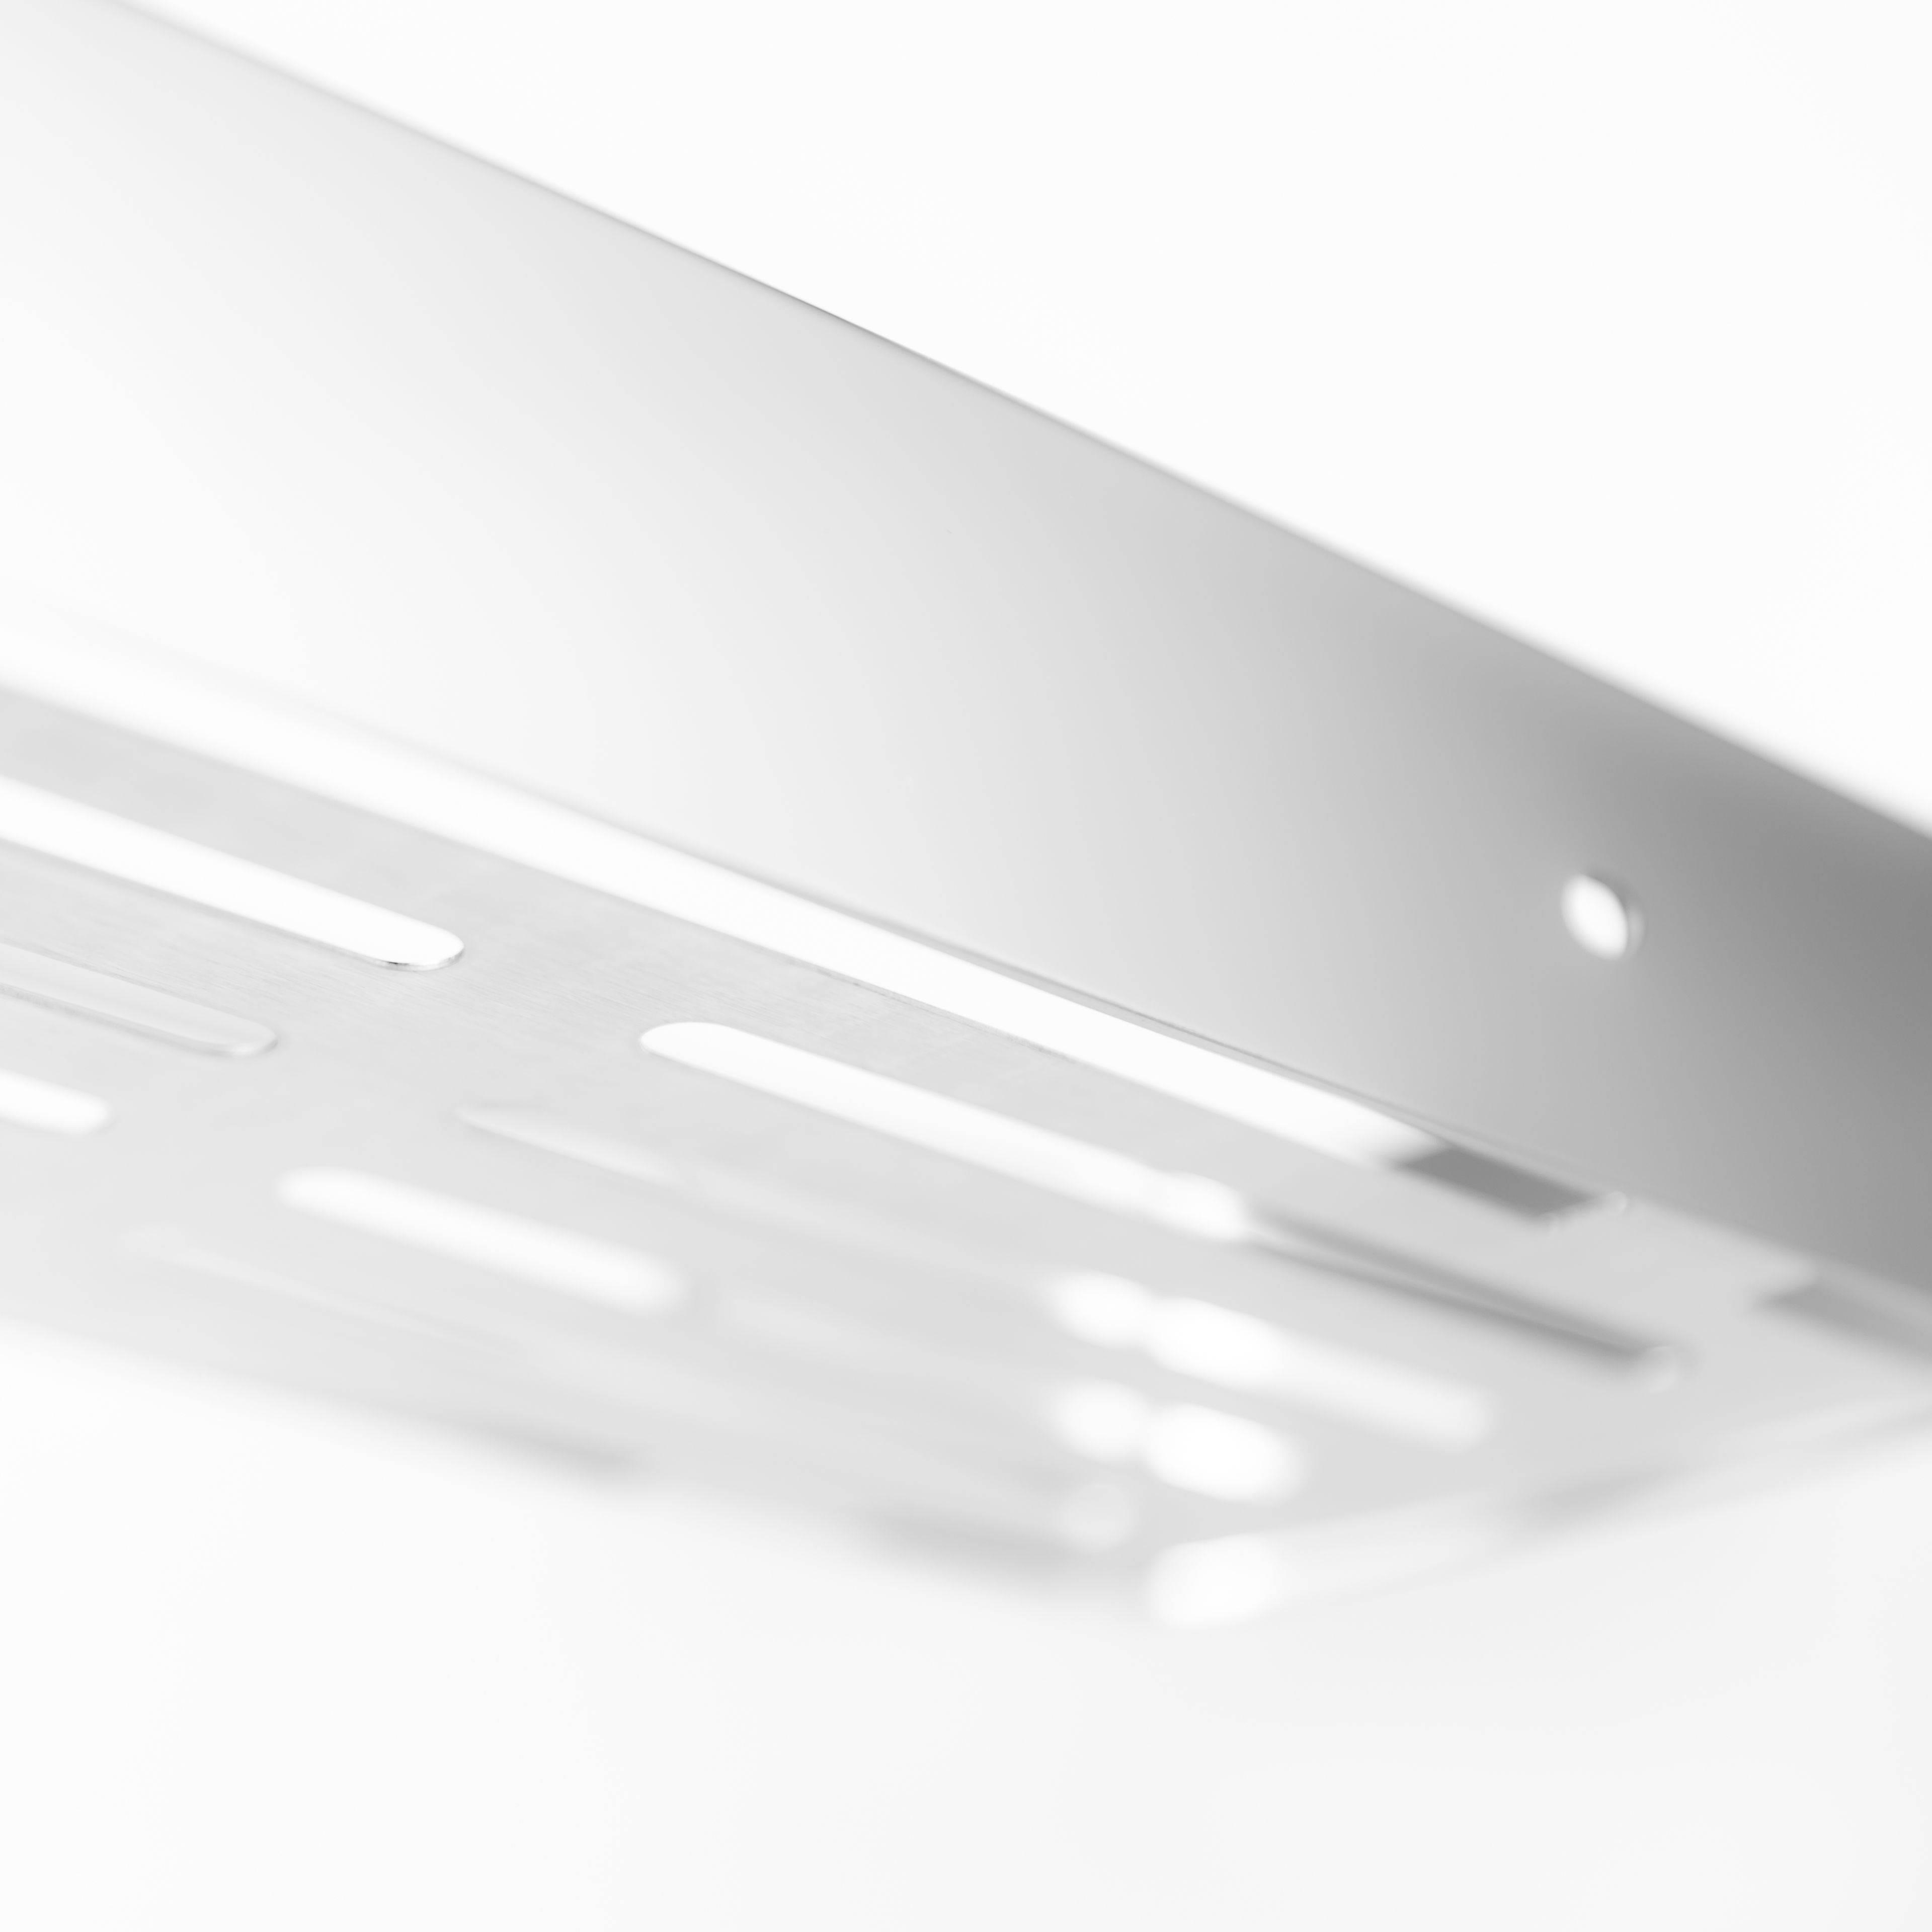 水鹿卫浴-配件-挂件-水鹿优选精致置物架(长方形)304不锈钢